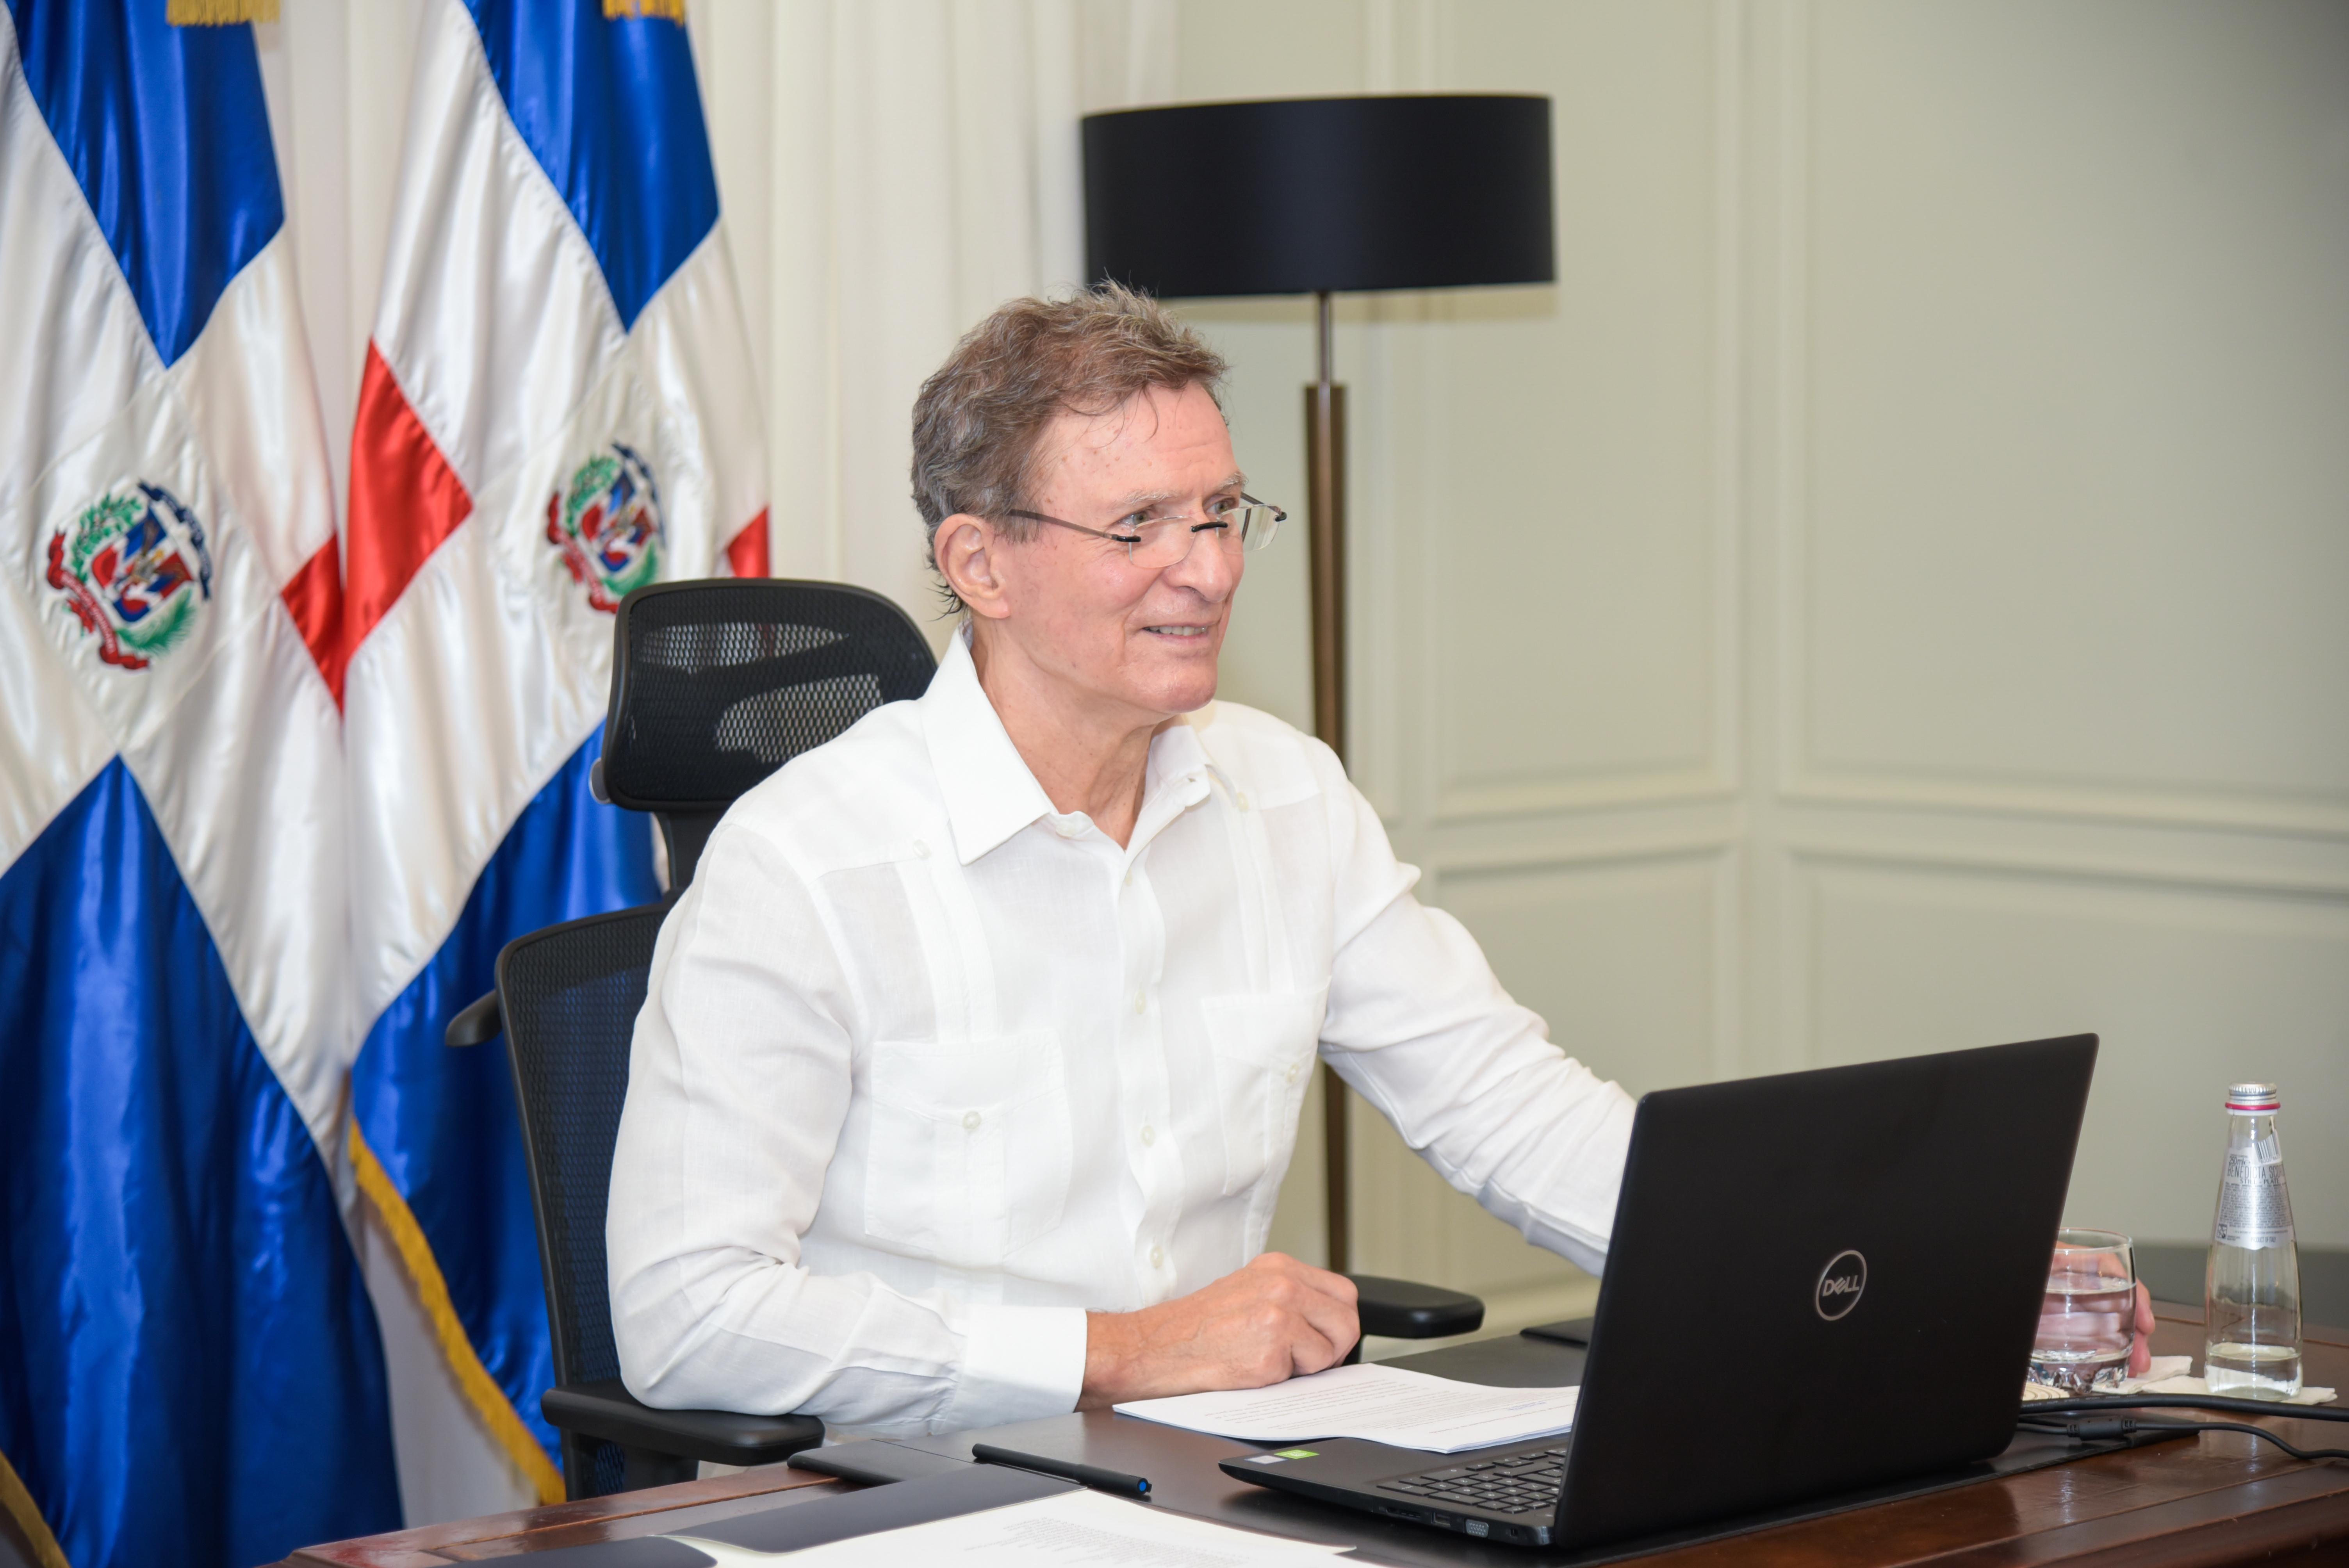 Gobierno analiza  posible traslado de la embajada dominicana en Israel de Tel Aviv hacia Jerusalén